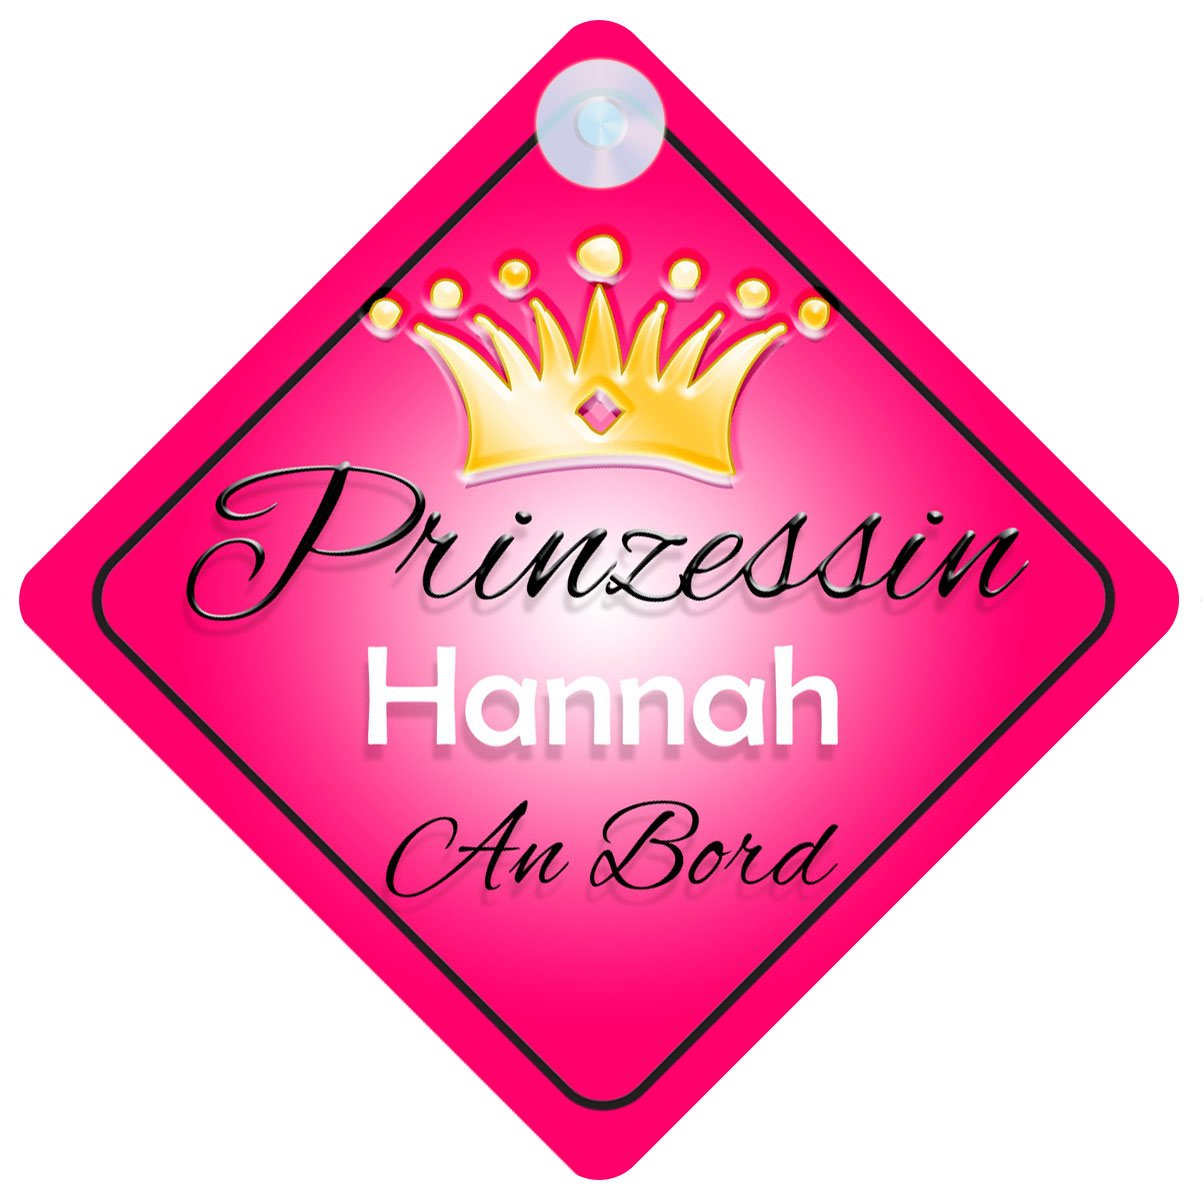 Prinzessin Hannah Baby / Kind an Bord Mädchen Auto-Zeichen (Prinzessin001) Quality Goods Ltd